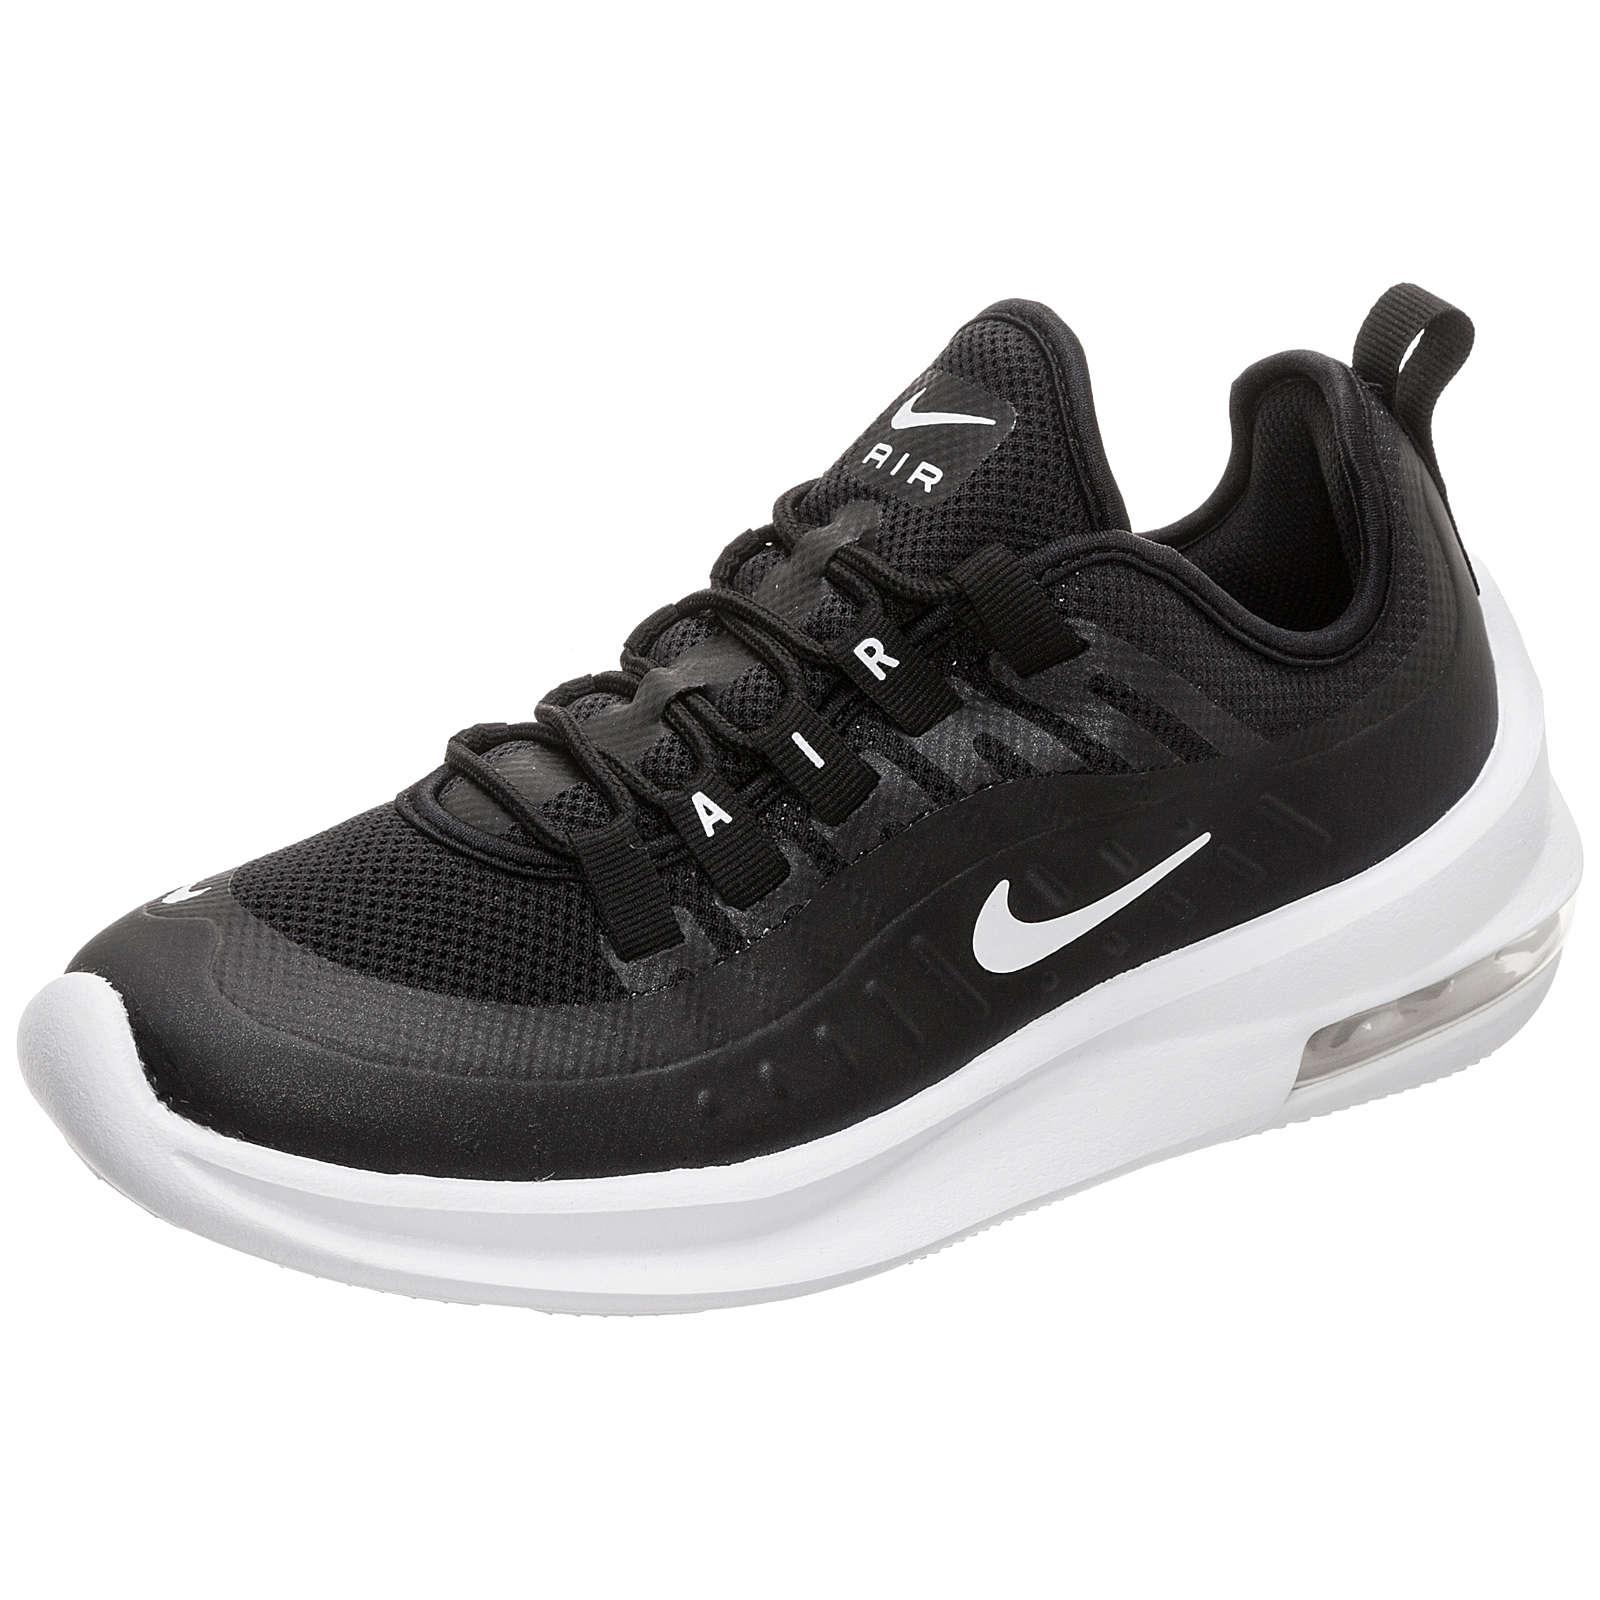 Nike Sportswear Air Max Axis Sneakers Low schwarz/weiß Damen Gr. 38,5